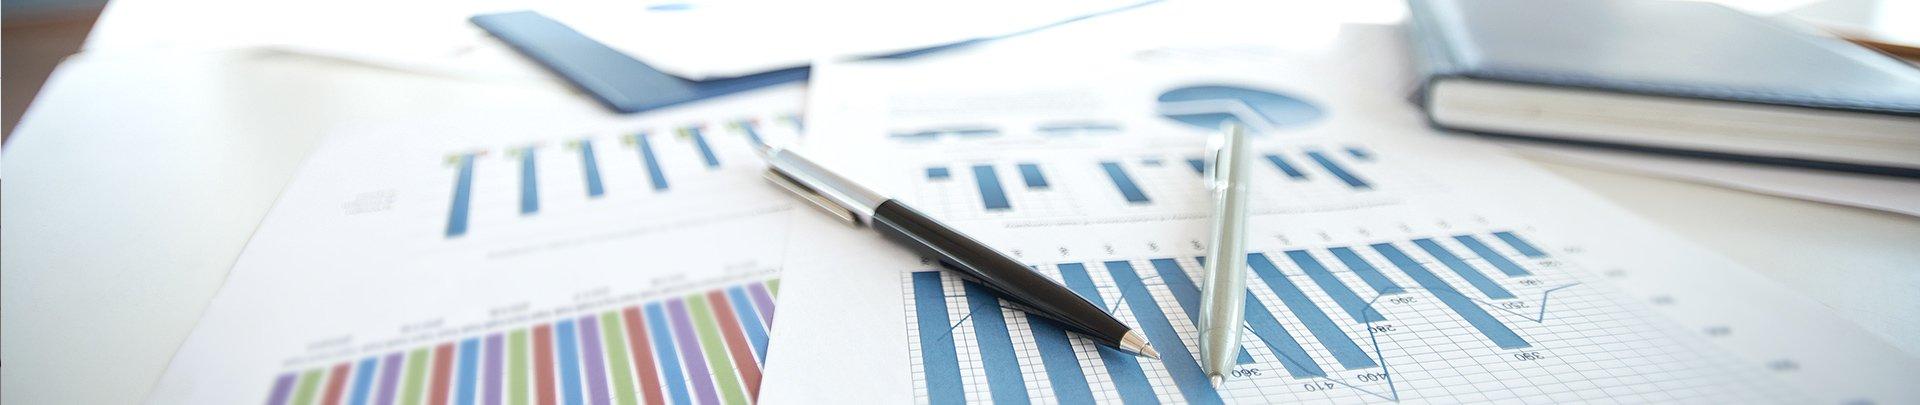 Wertermittlung & Marktanalyse | Wüstenrot Immobilien Erfurt